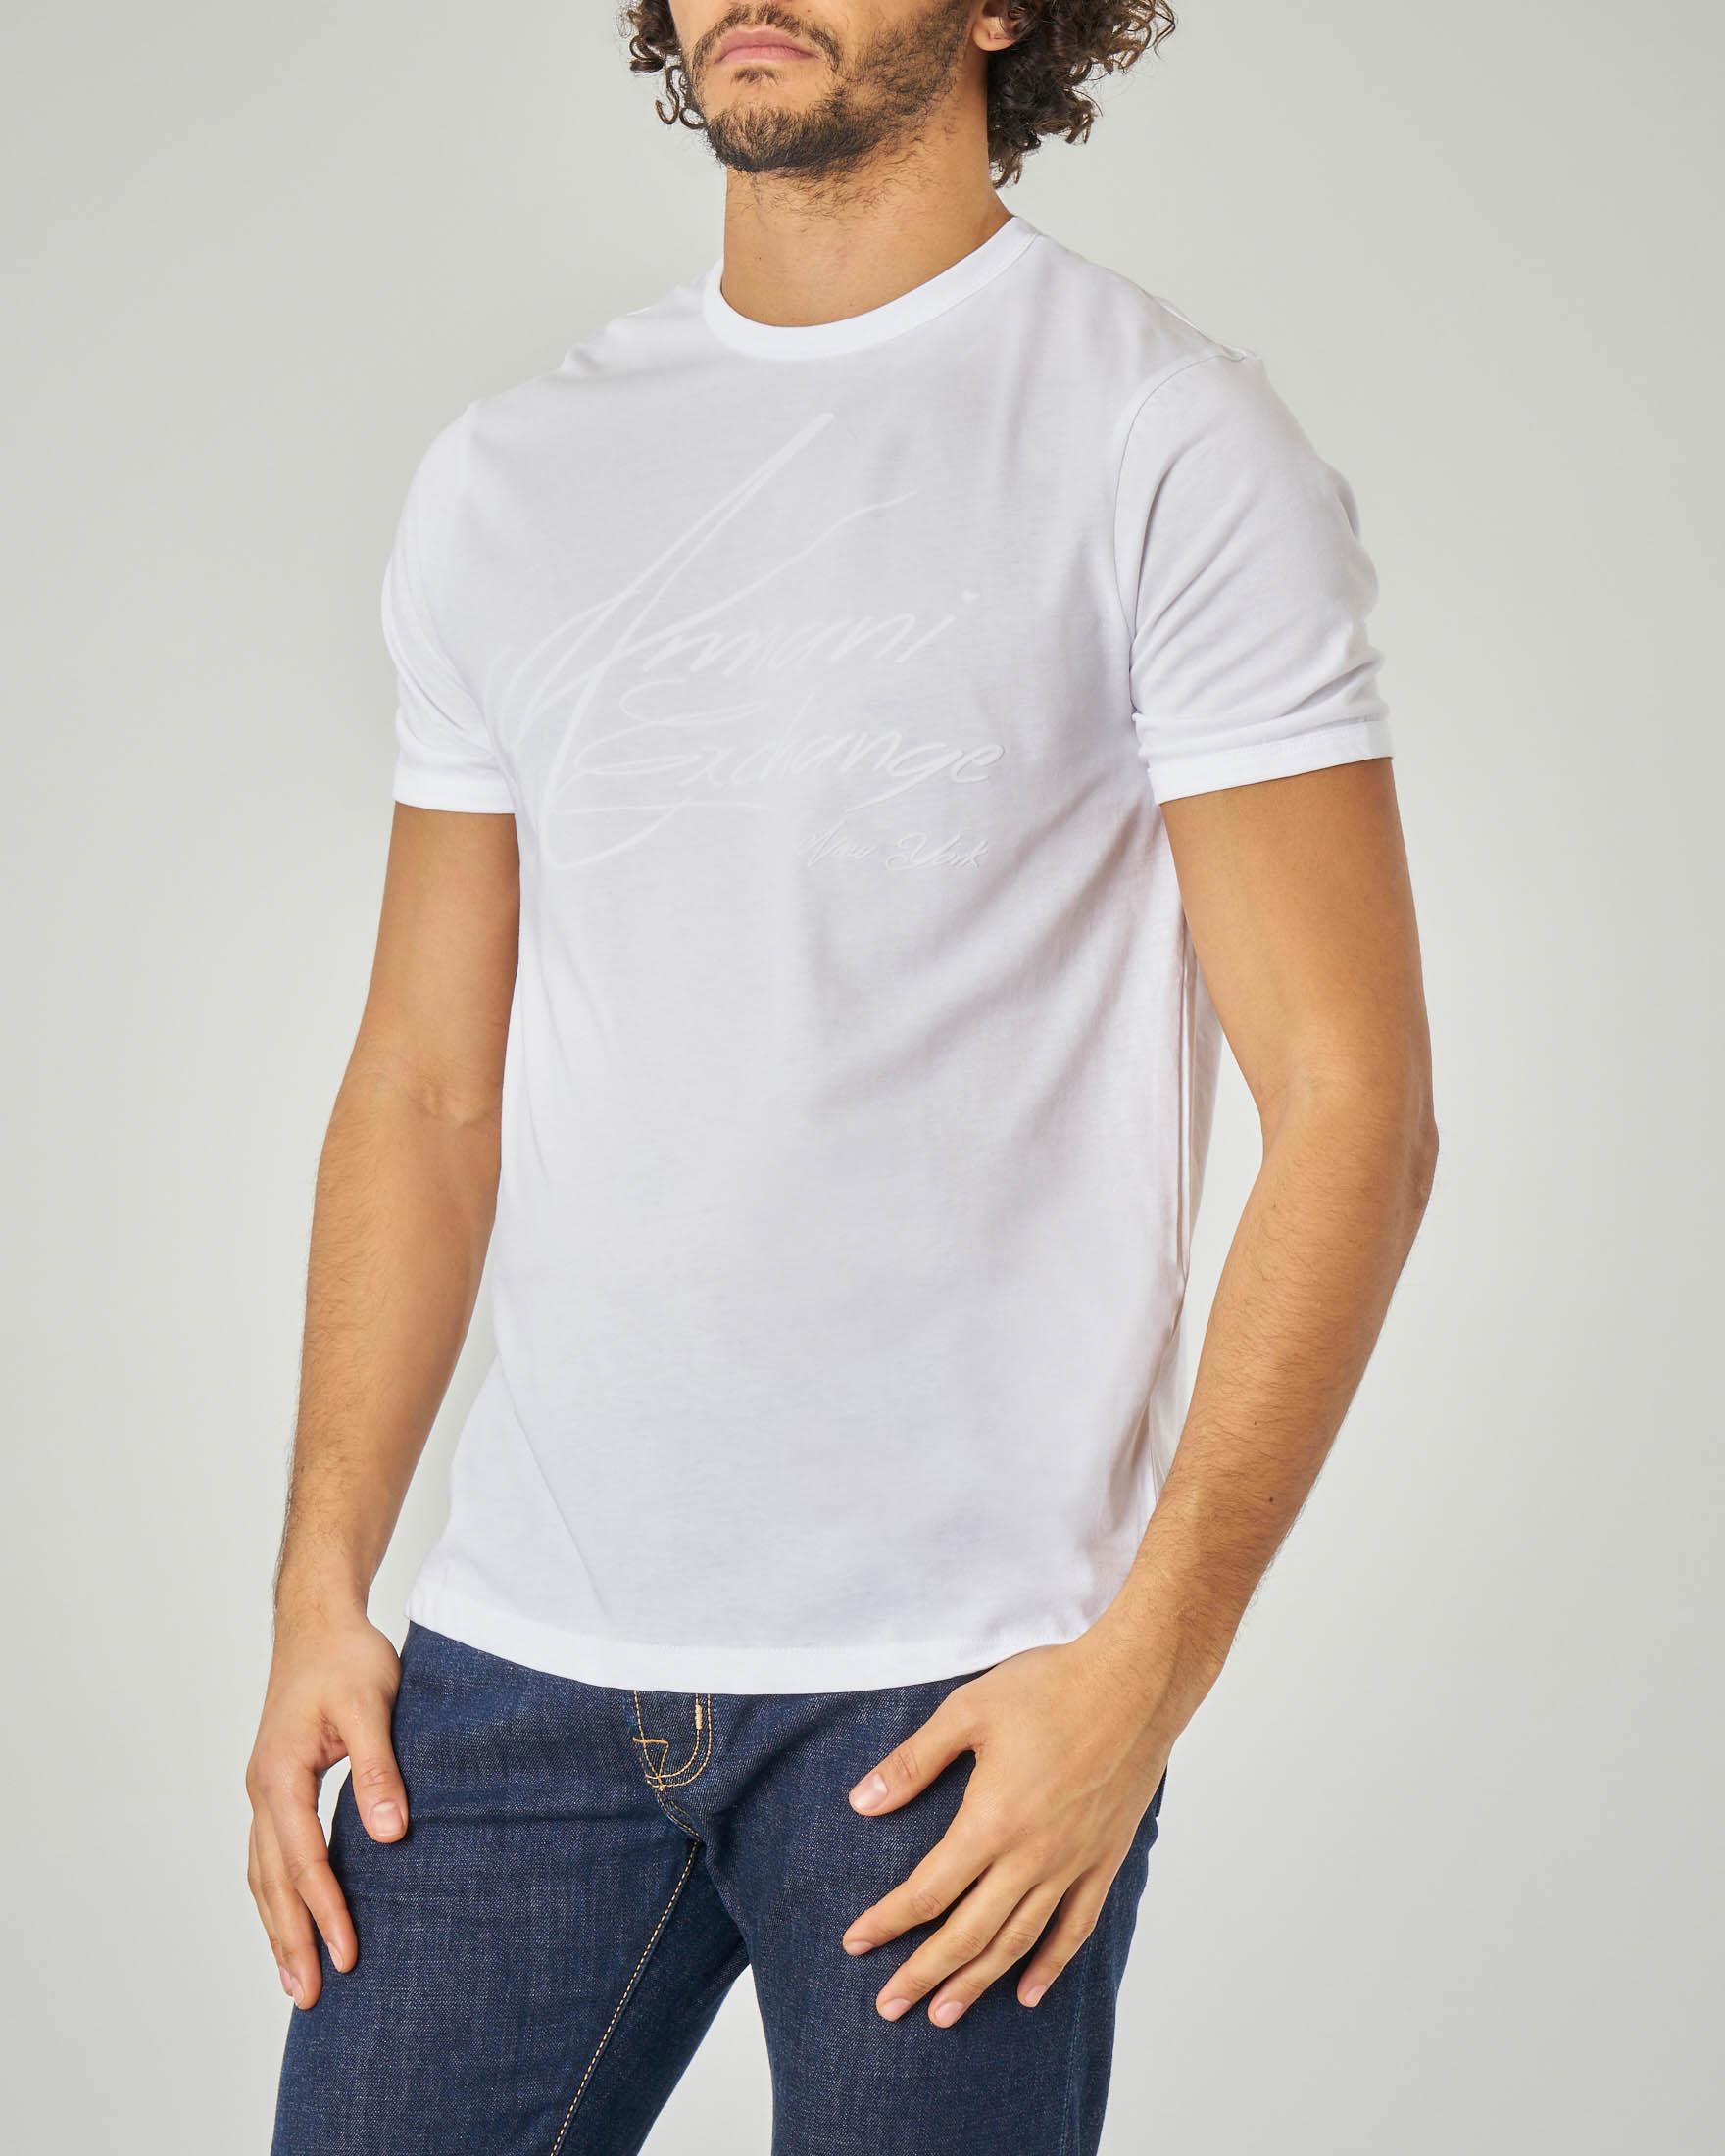 T-shirt bianca con logo firmato